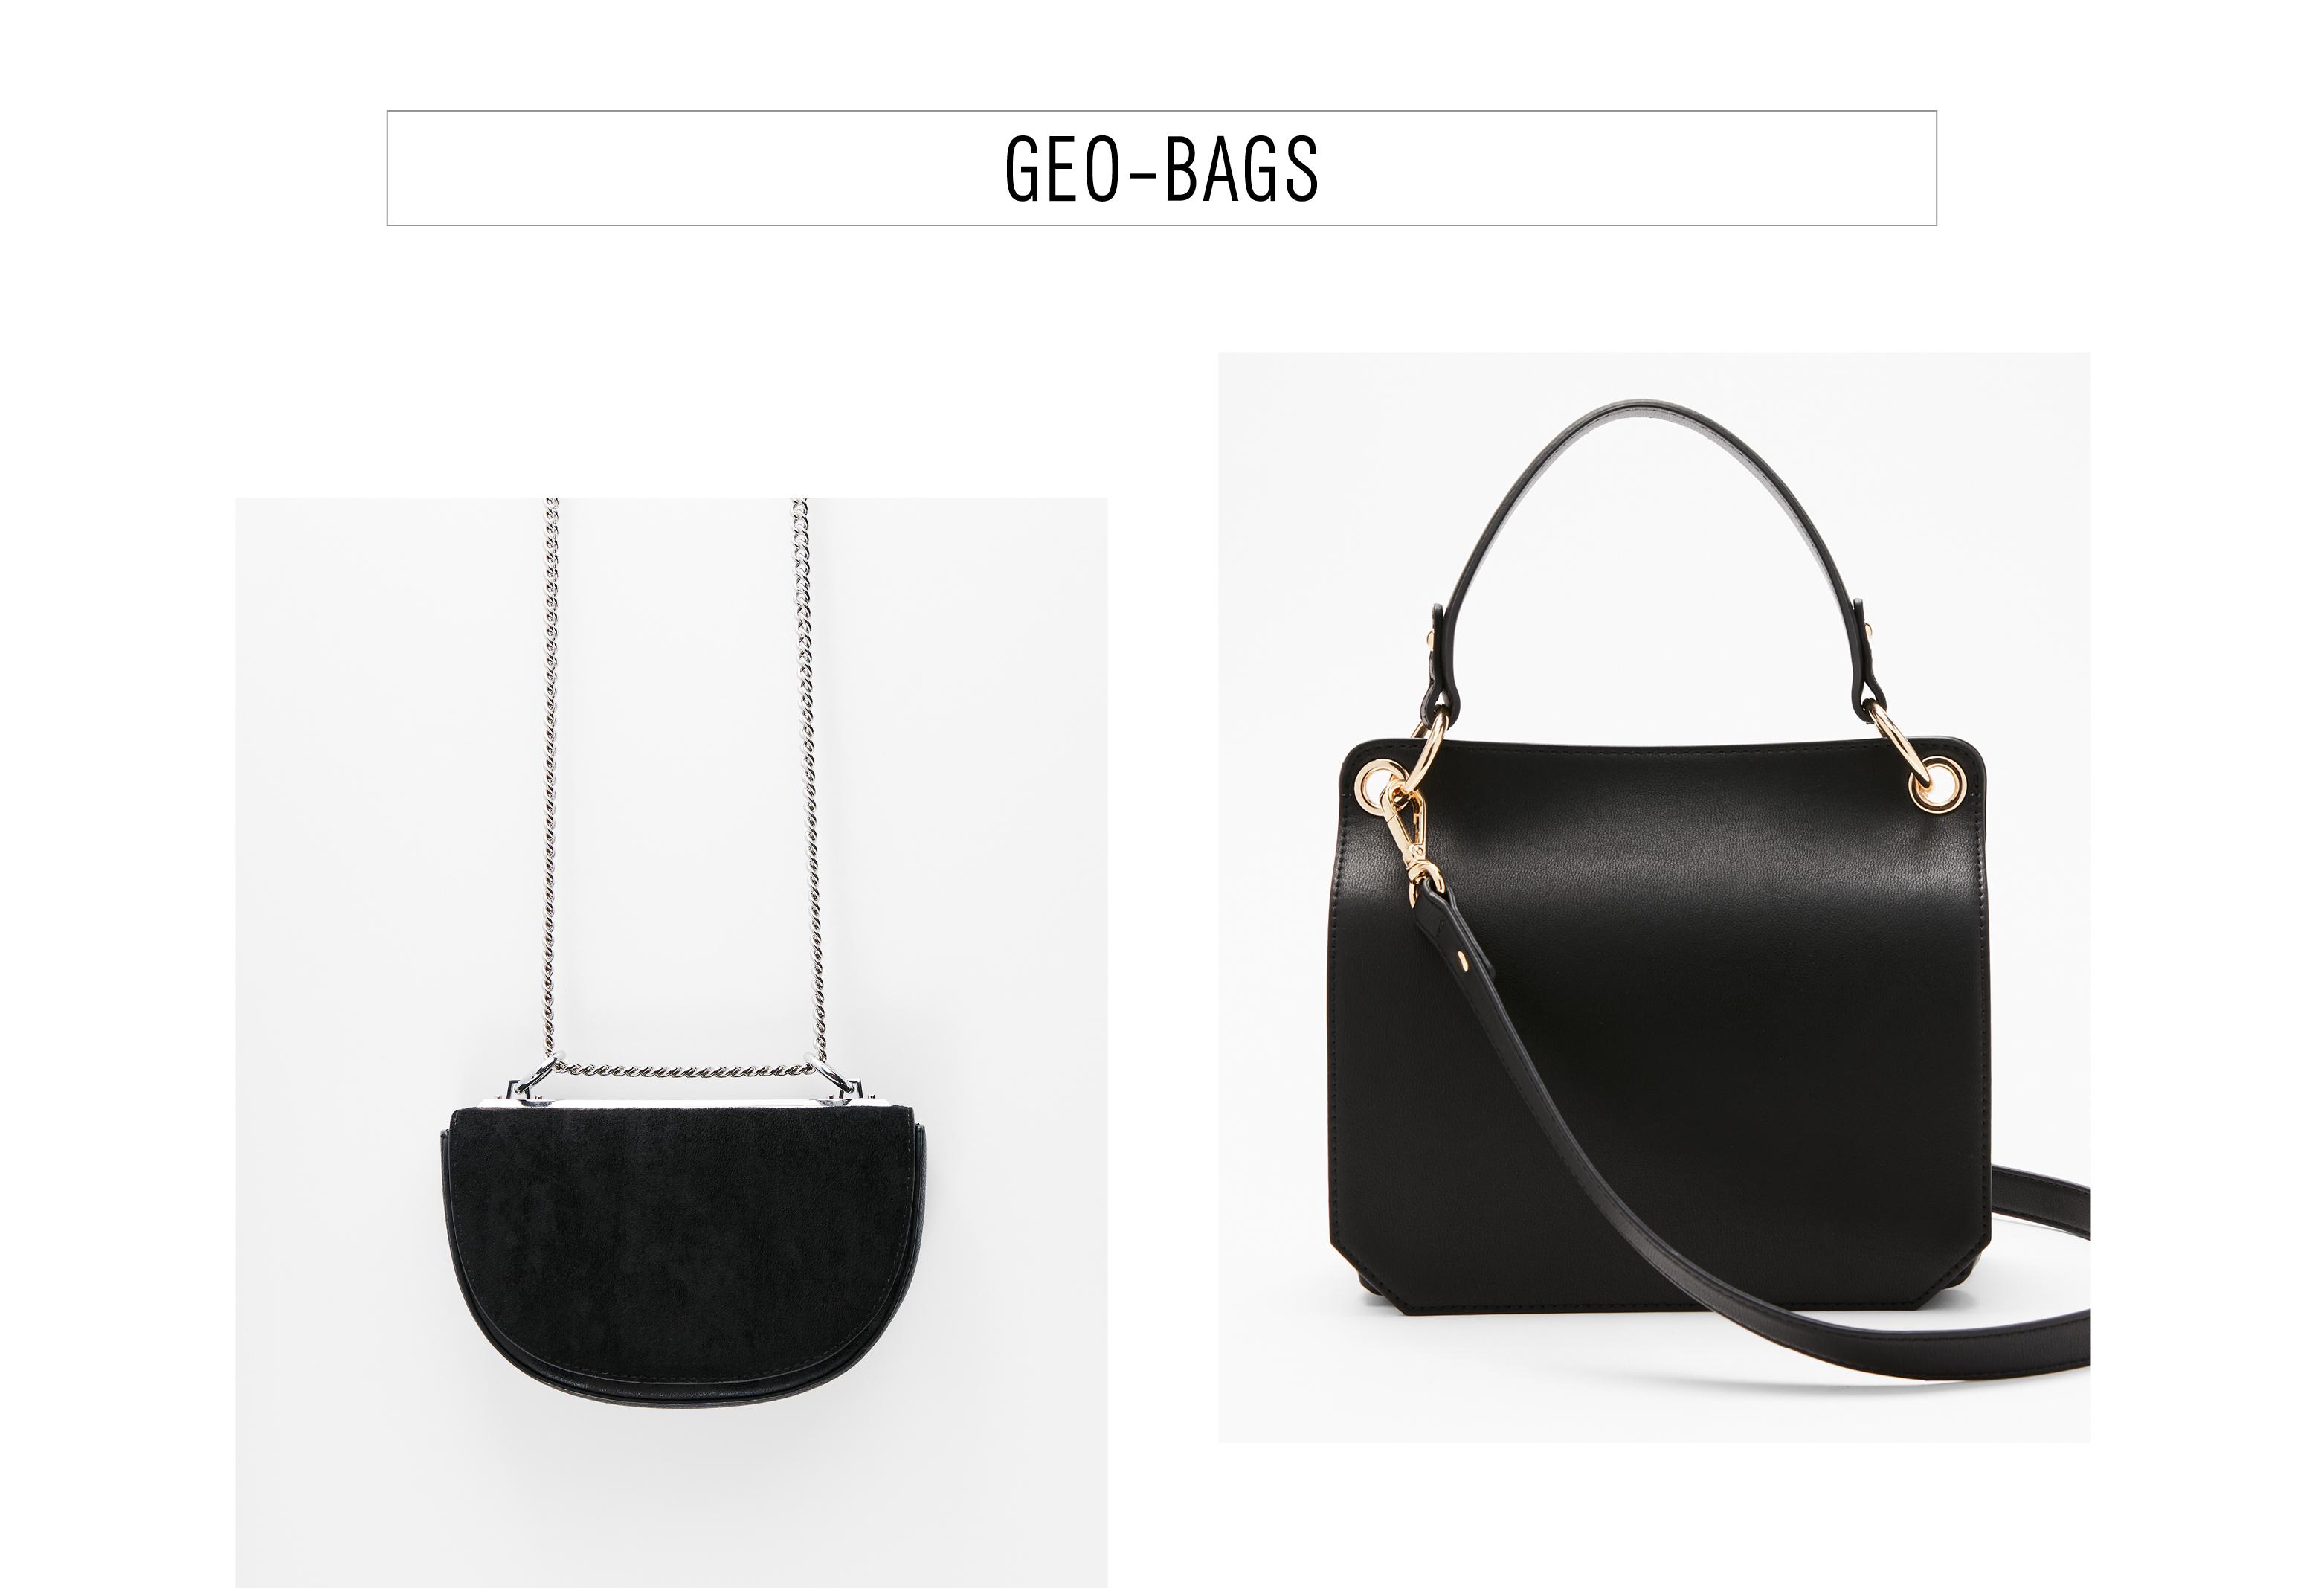 womens-geo-bags